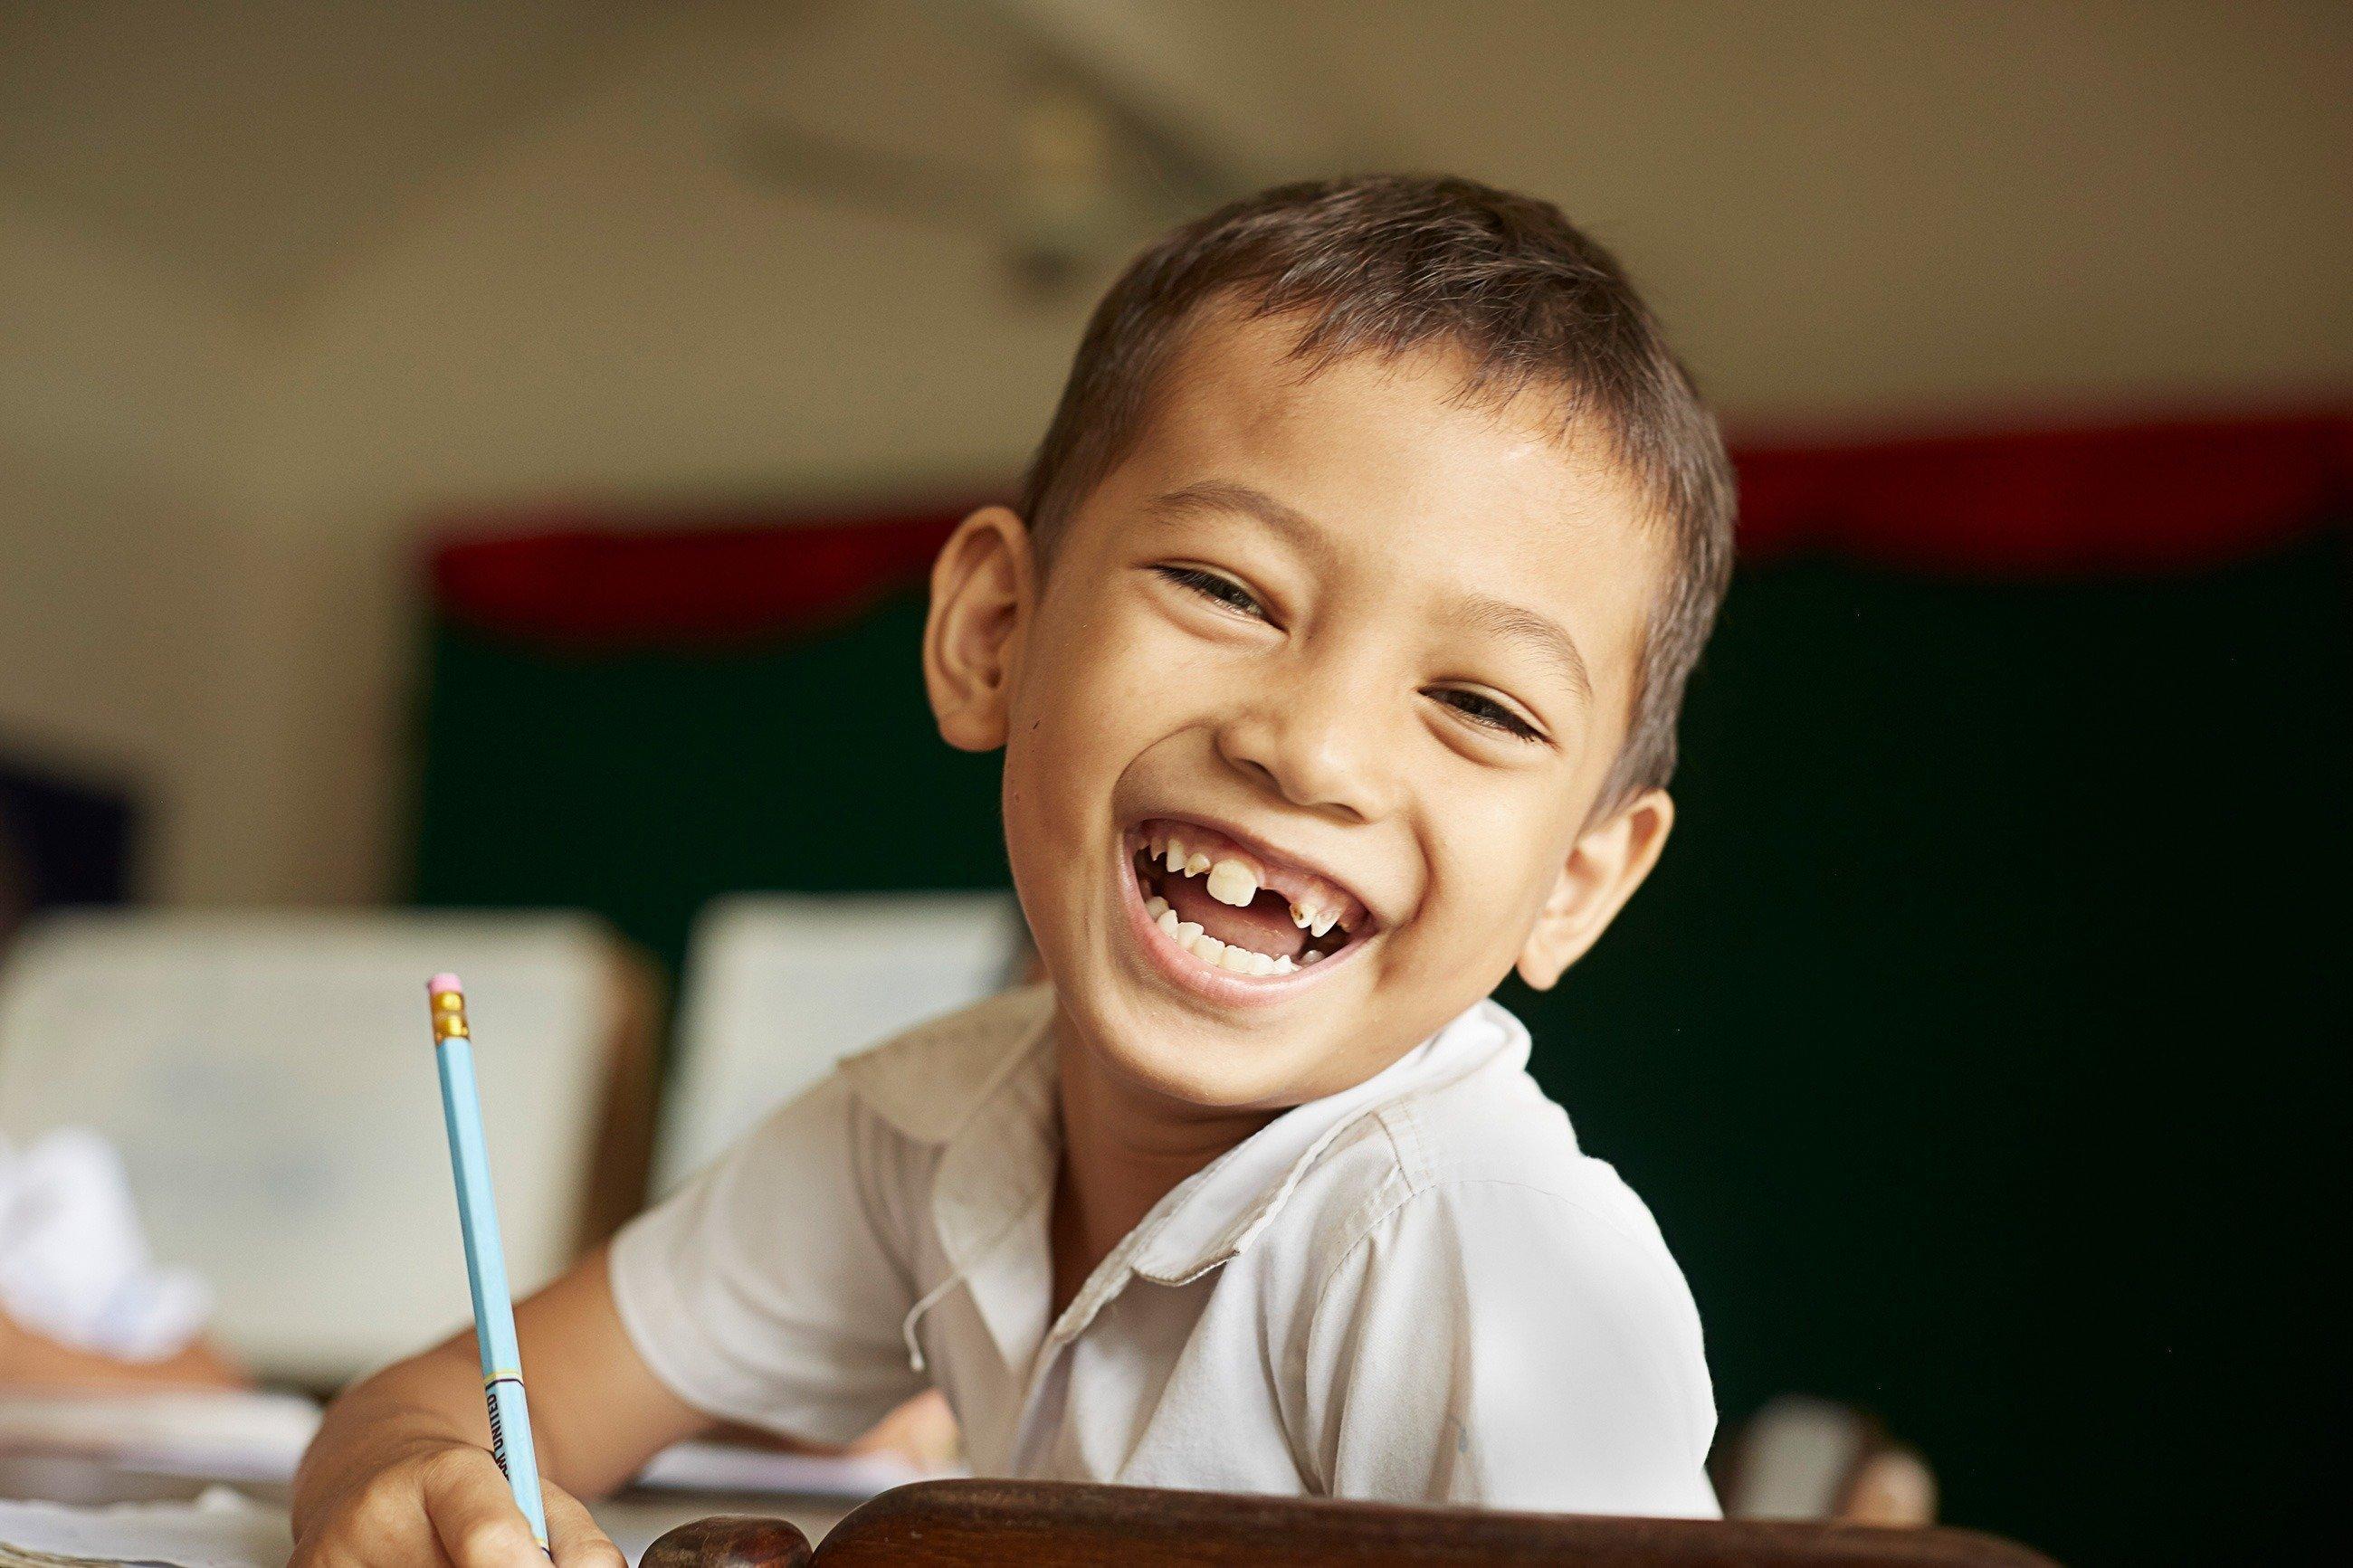 Schuljunge mit großer Zahnlücke lacht in die Kamera.